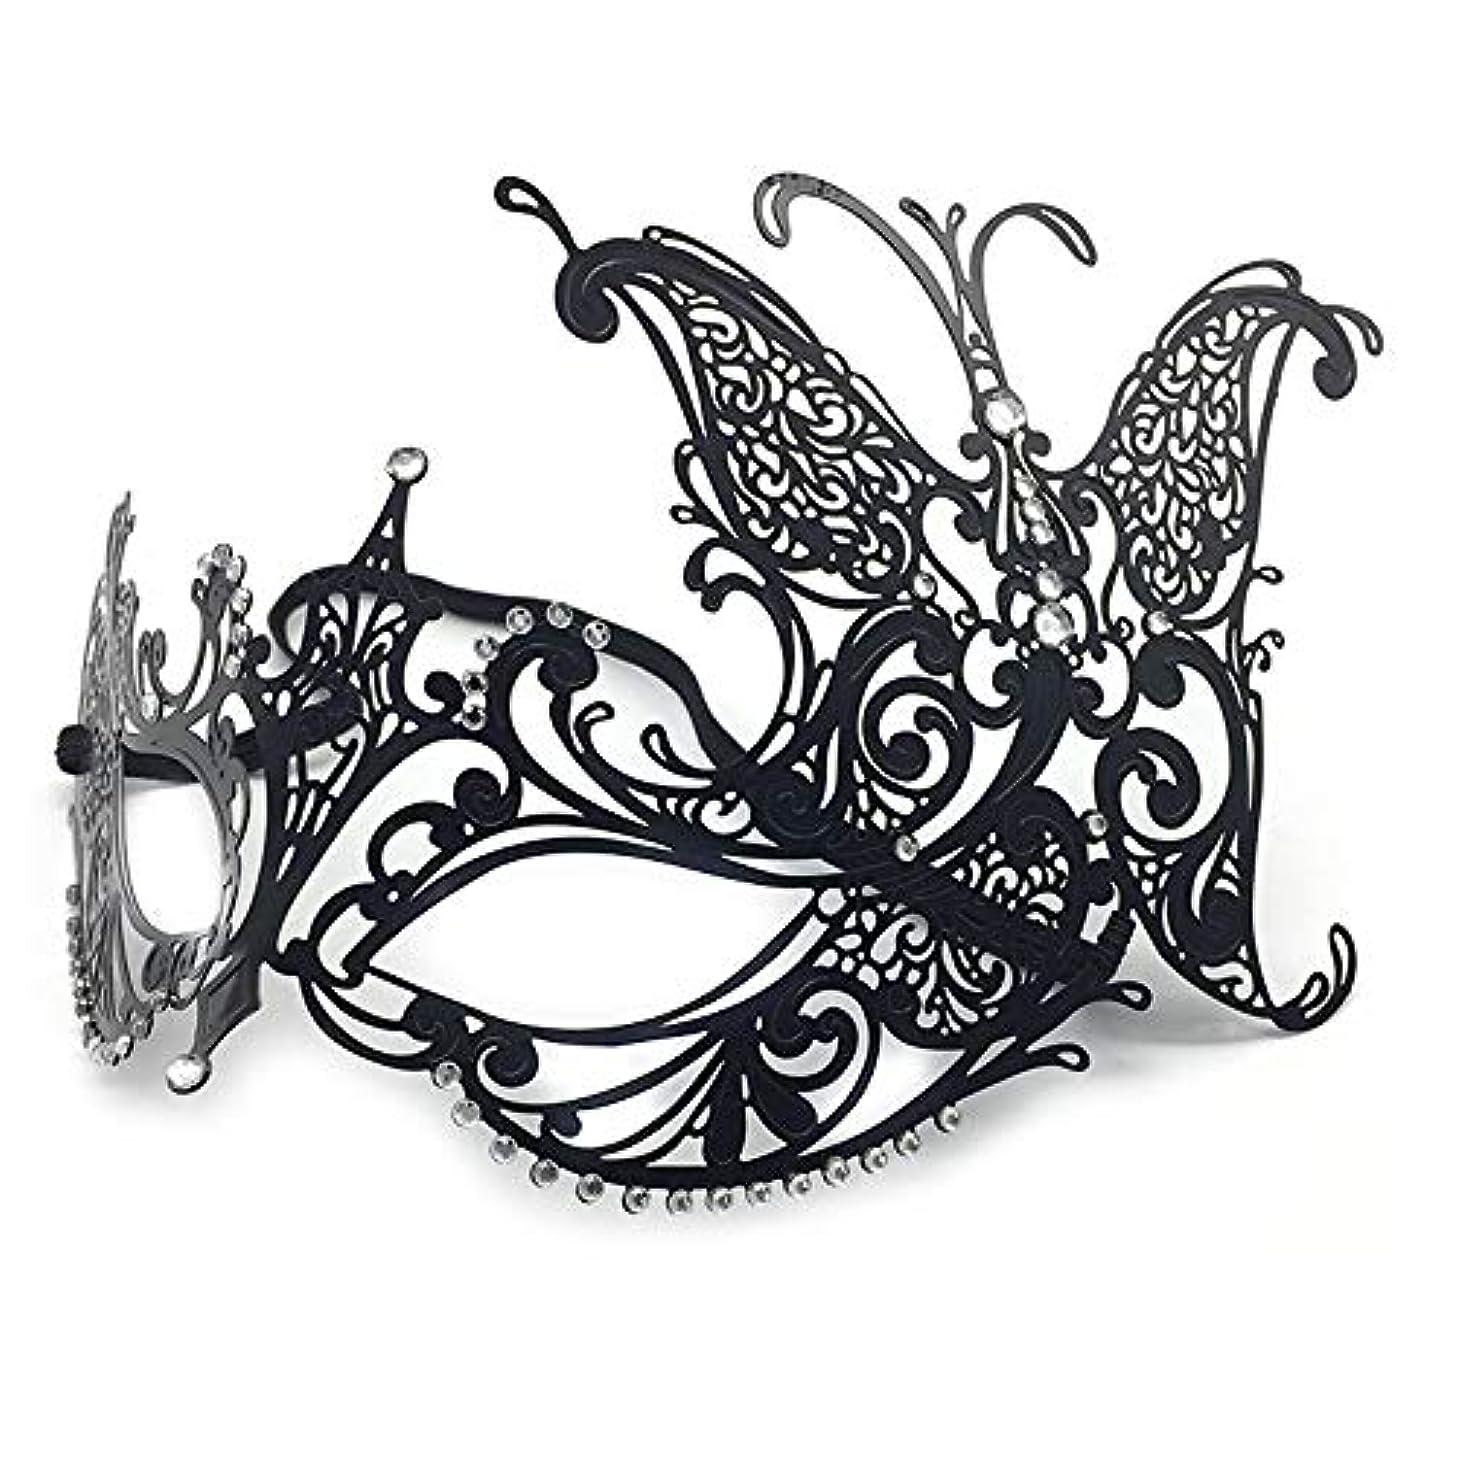 葉を集める政治家の軽量ハロウィーンのお祝いヴェネツィア仮装ハーフフェイスレディメタルダイヤモンドバタフライアイアンマスクパーティー